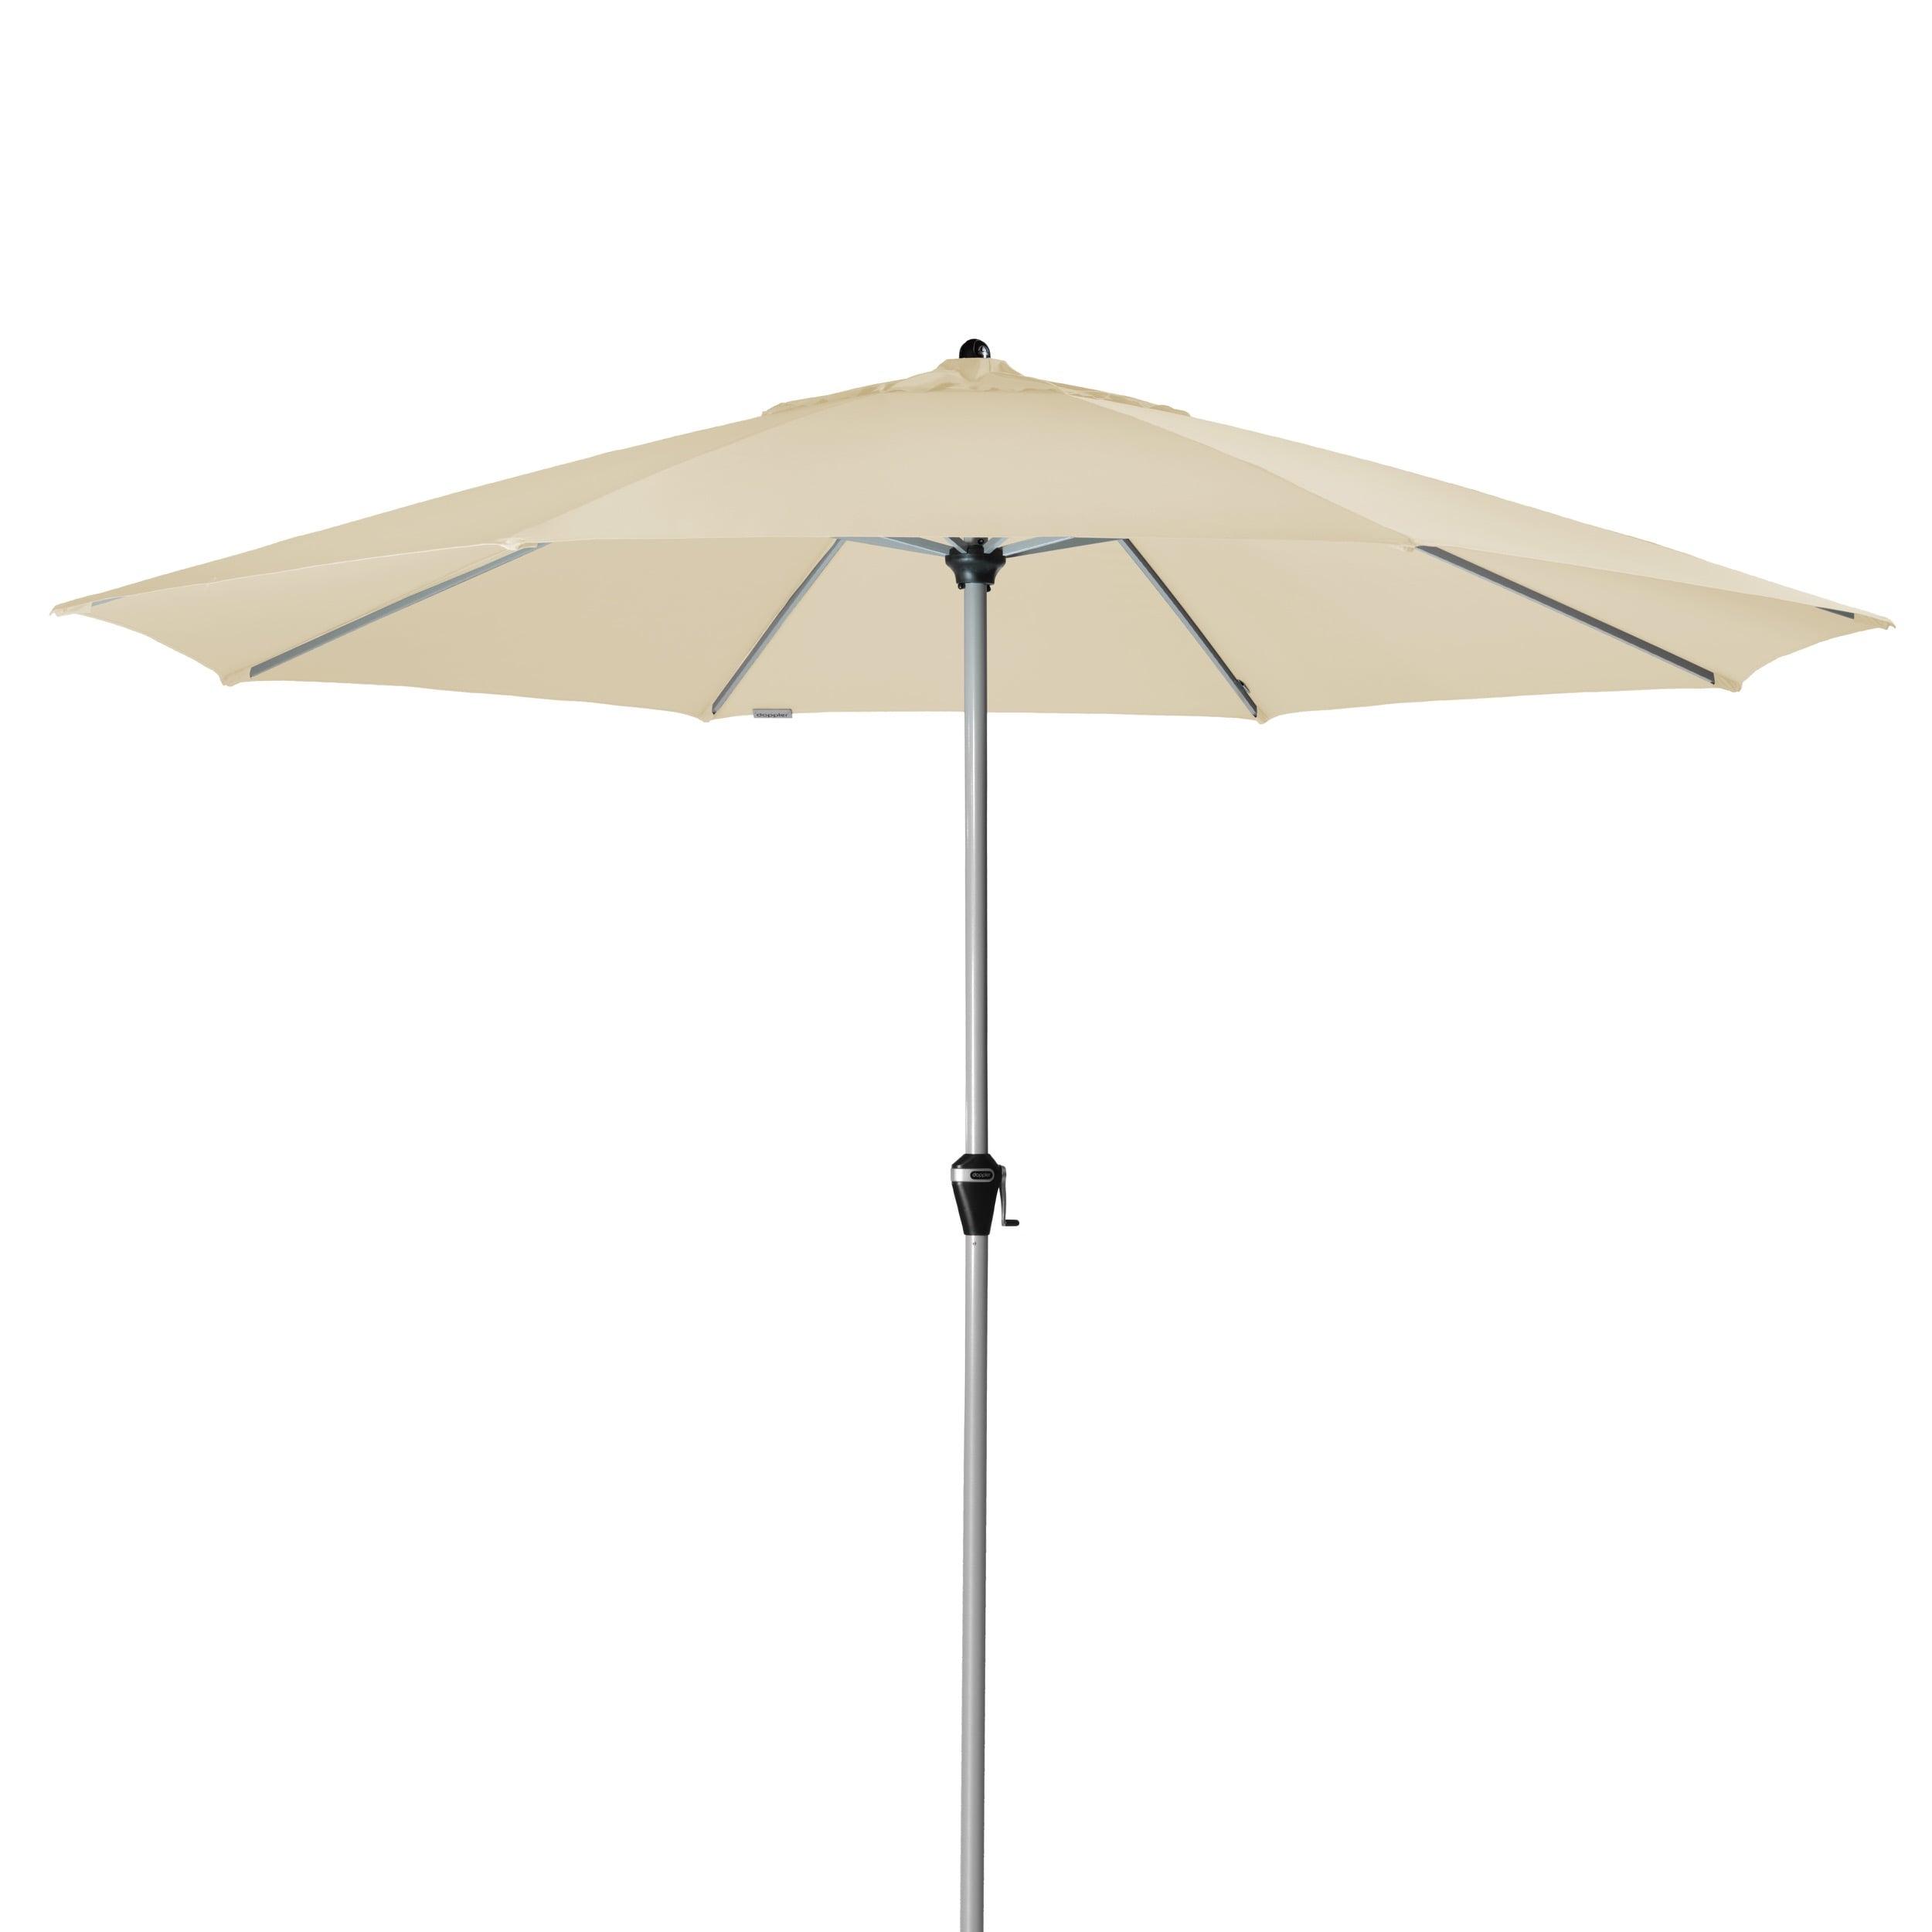 ACTIVE KURBEL 380 cm – naklápěcí slunečník s klikou